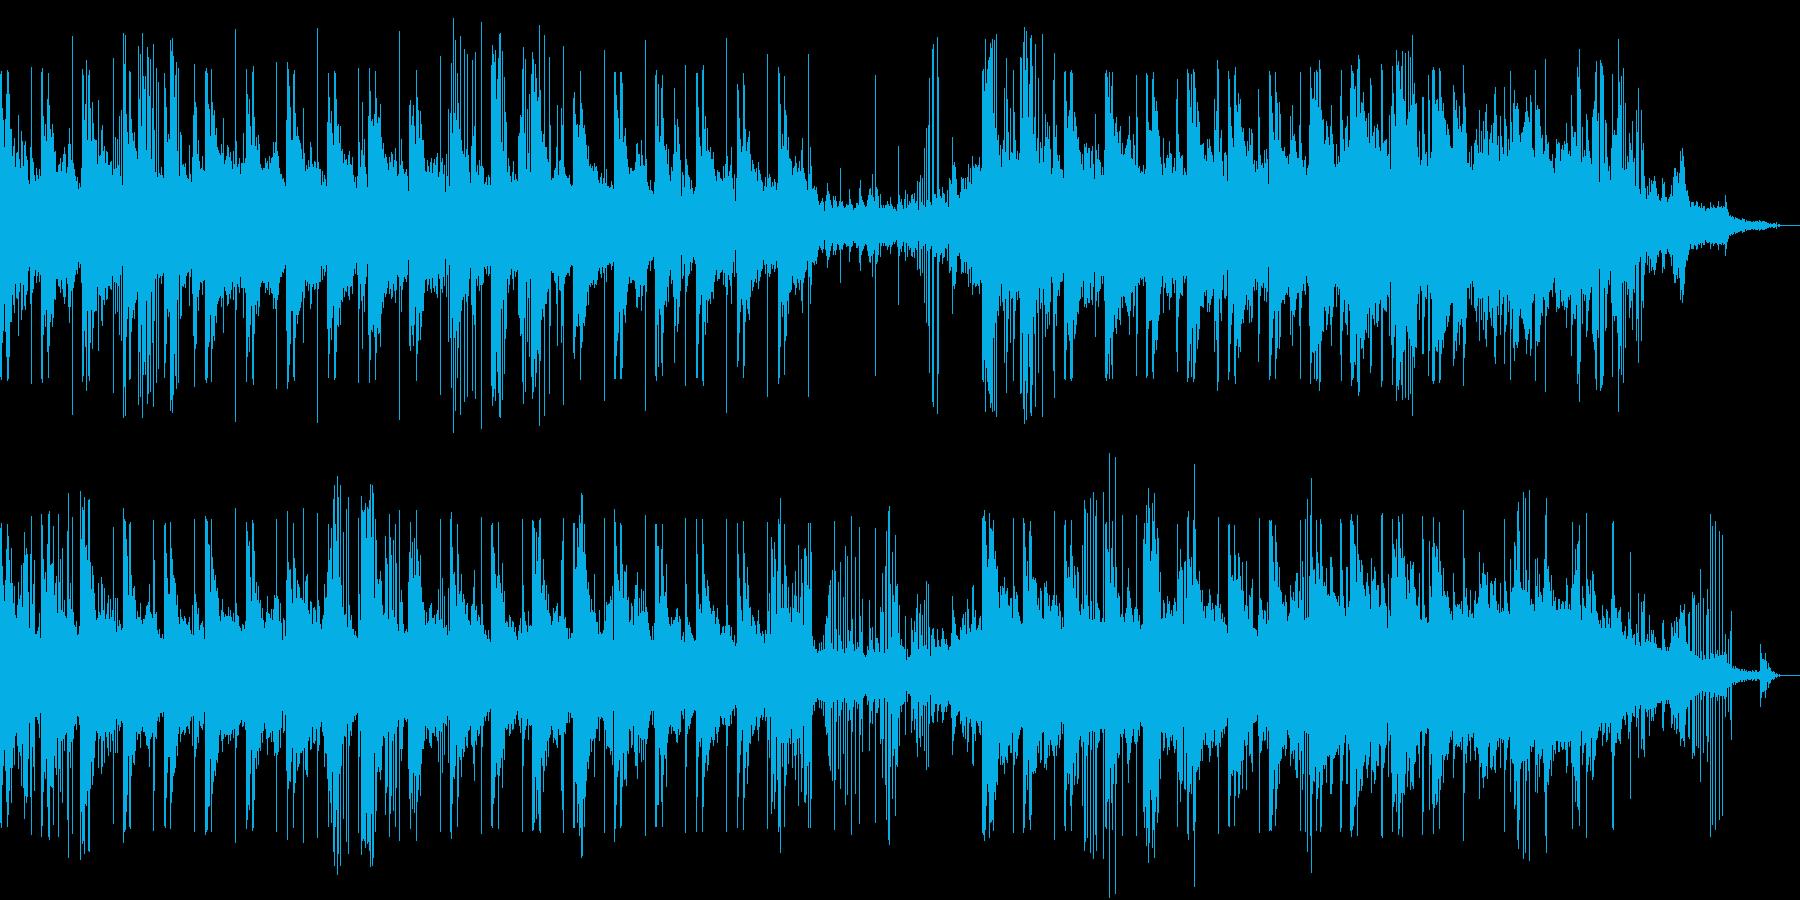 優しいピアノと水の音が奏でるBGMの再生済みの波形